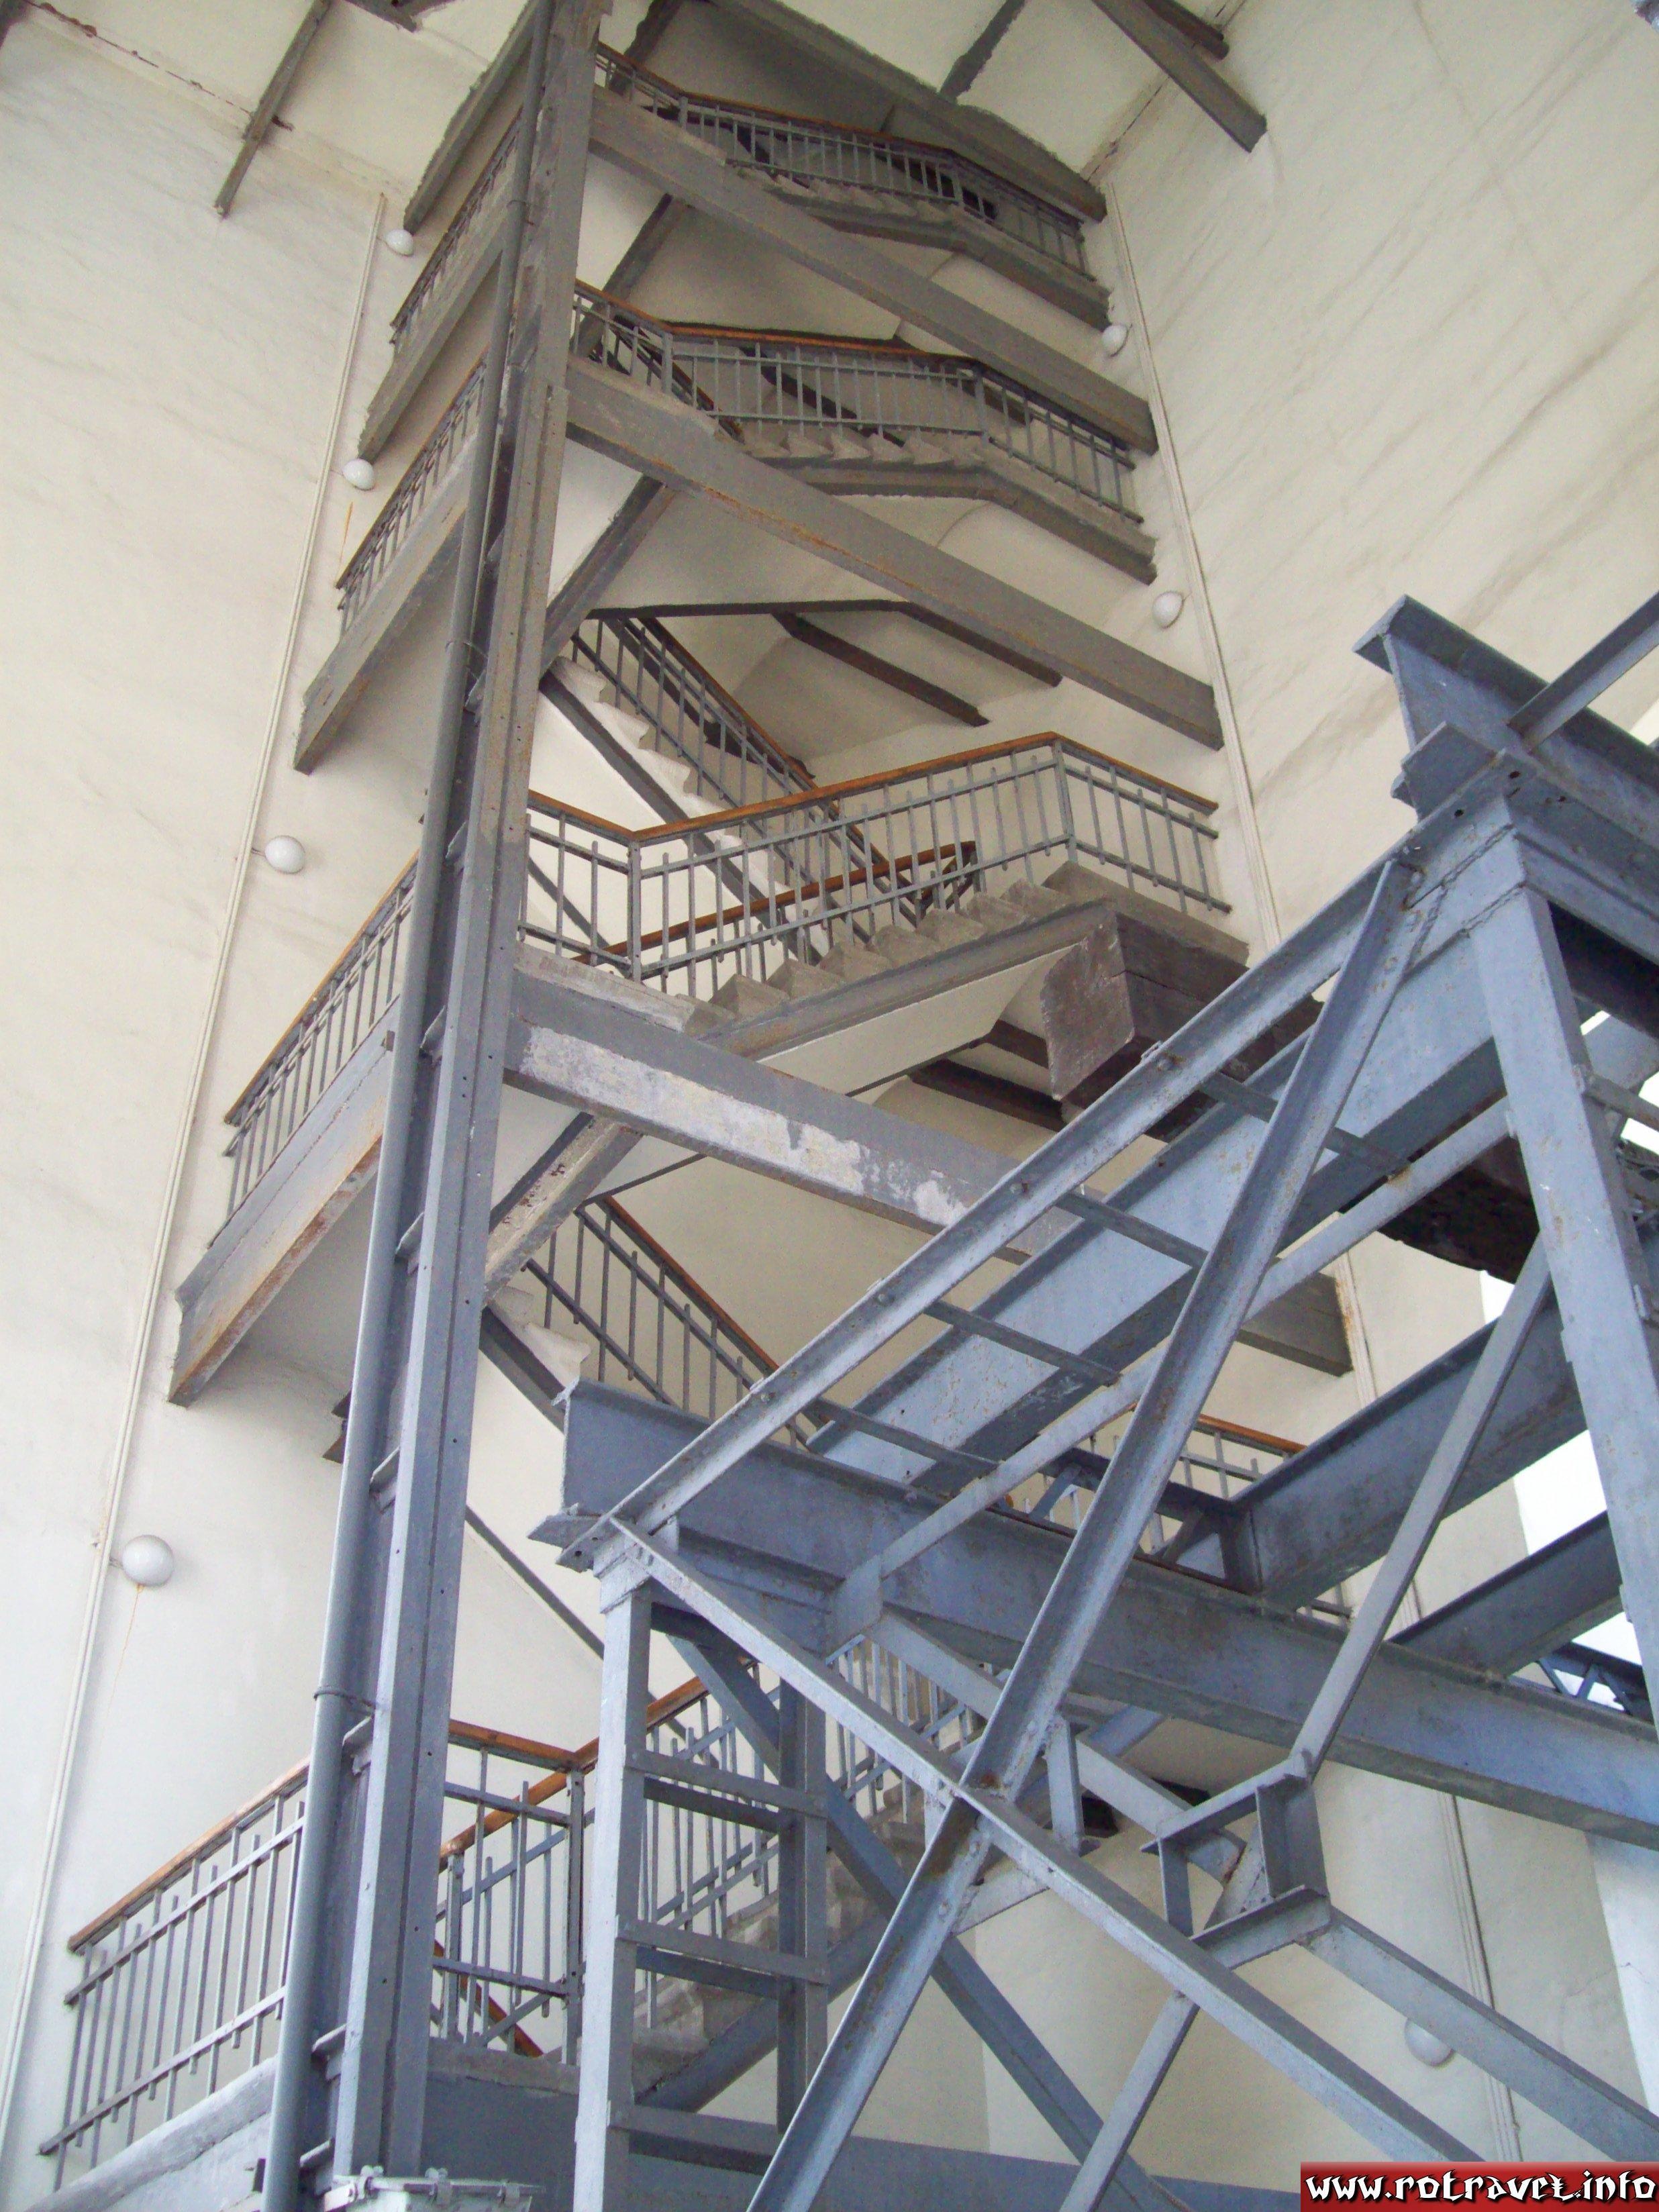 Inside of the belltower